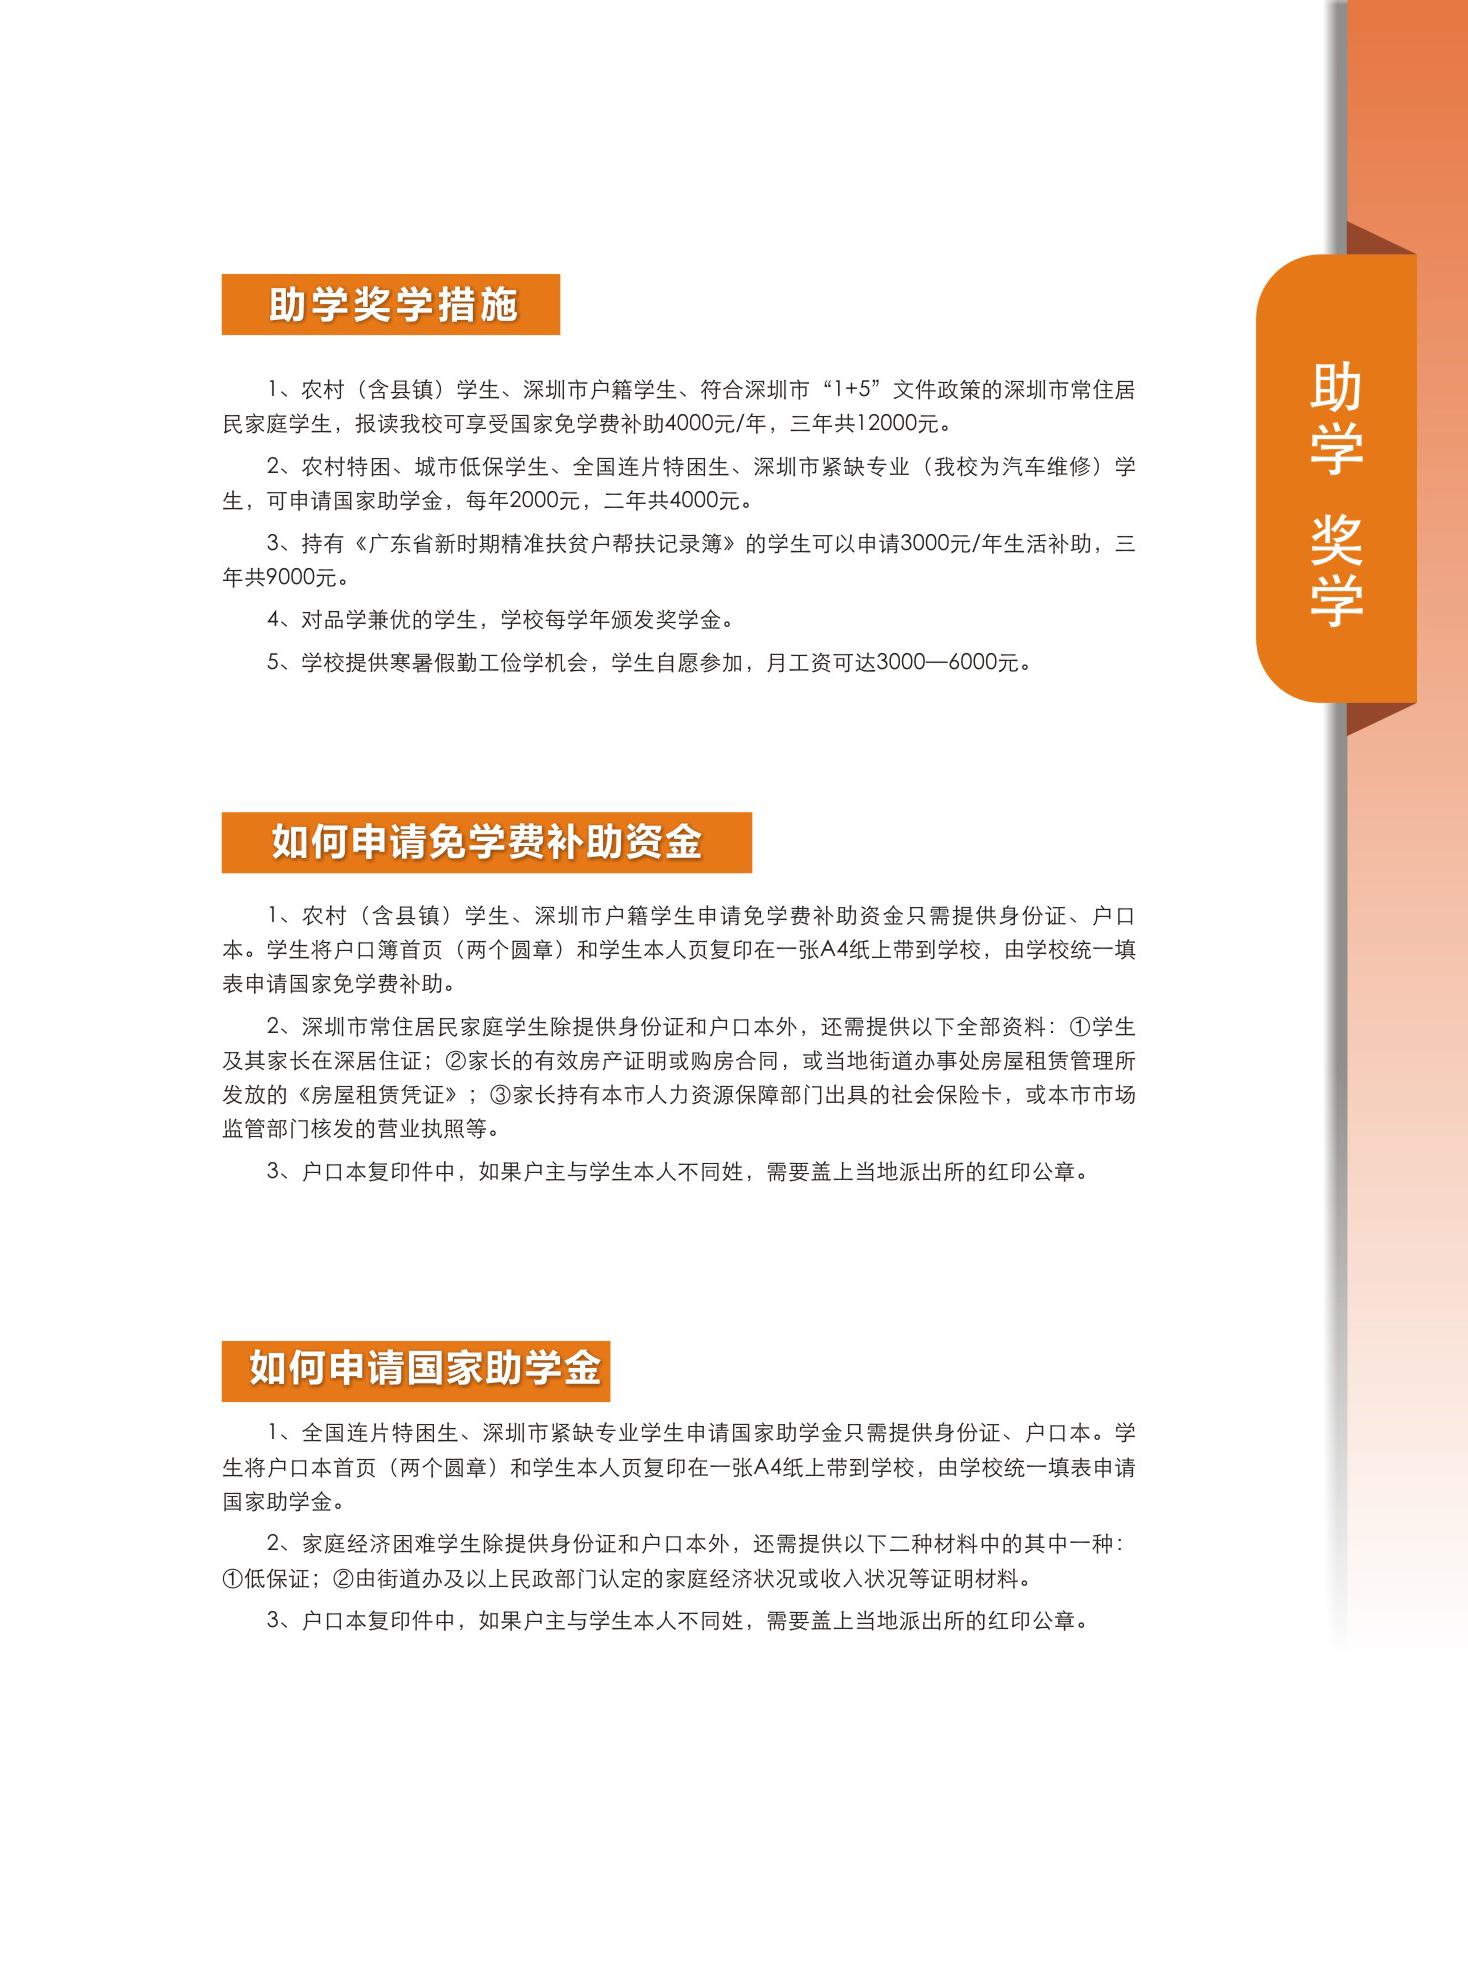 深圳市智理技工学校2019年招生简章助学奖学